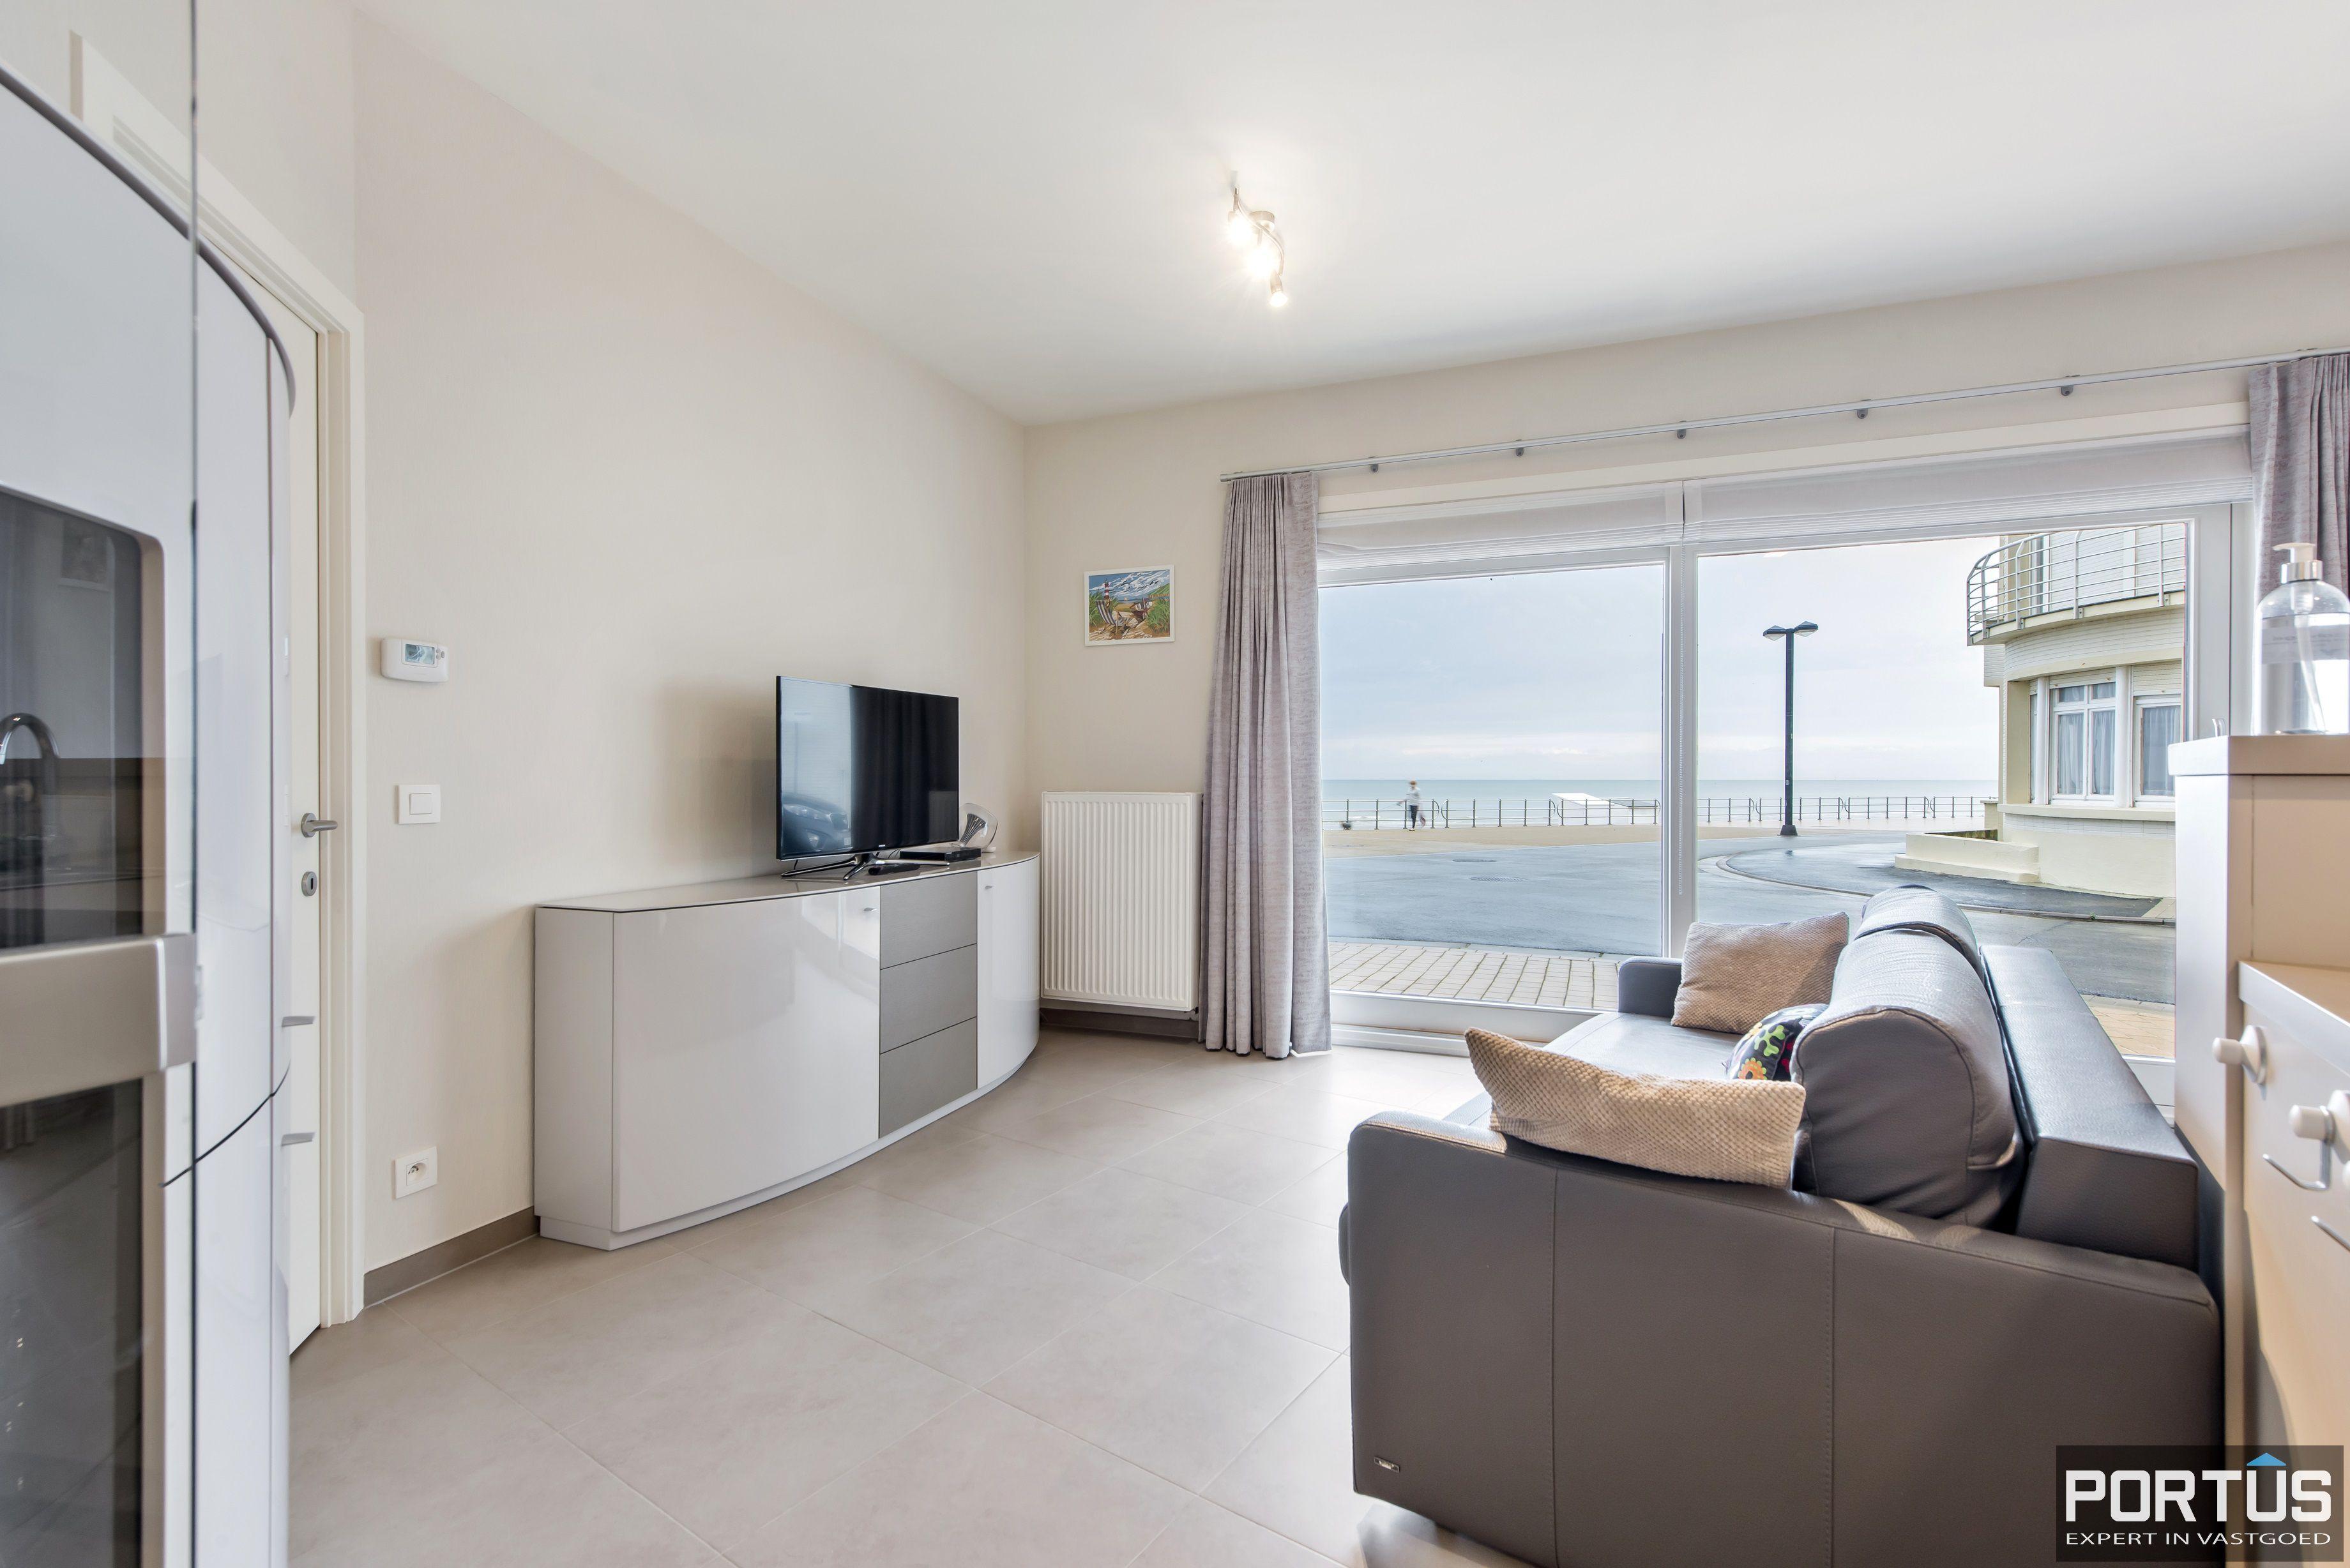 Recent appartement met zeezicht te koop te Westende - 11377